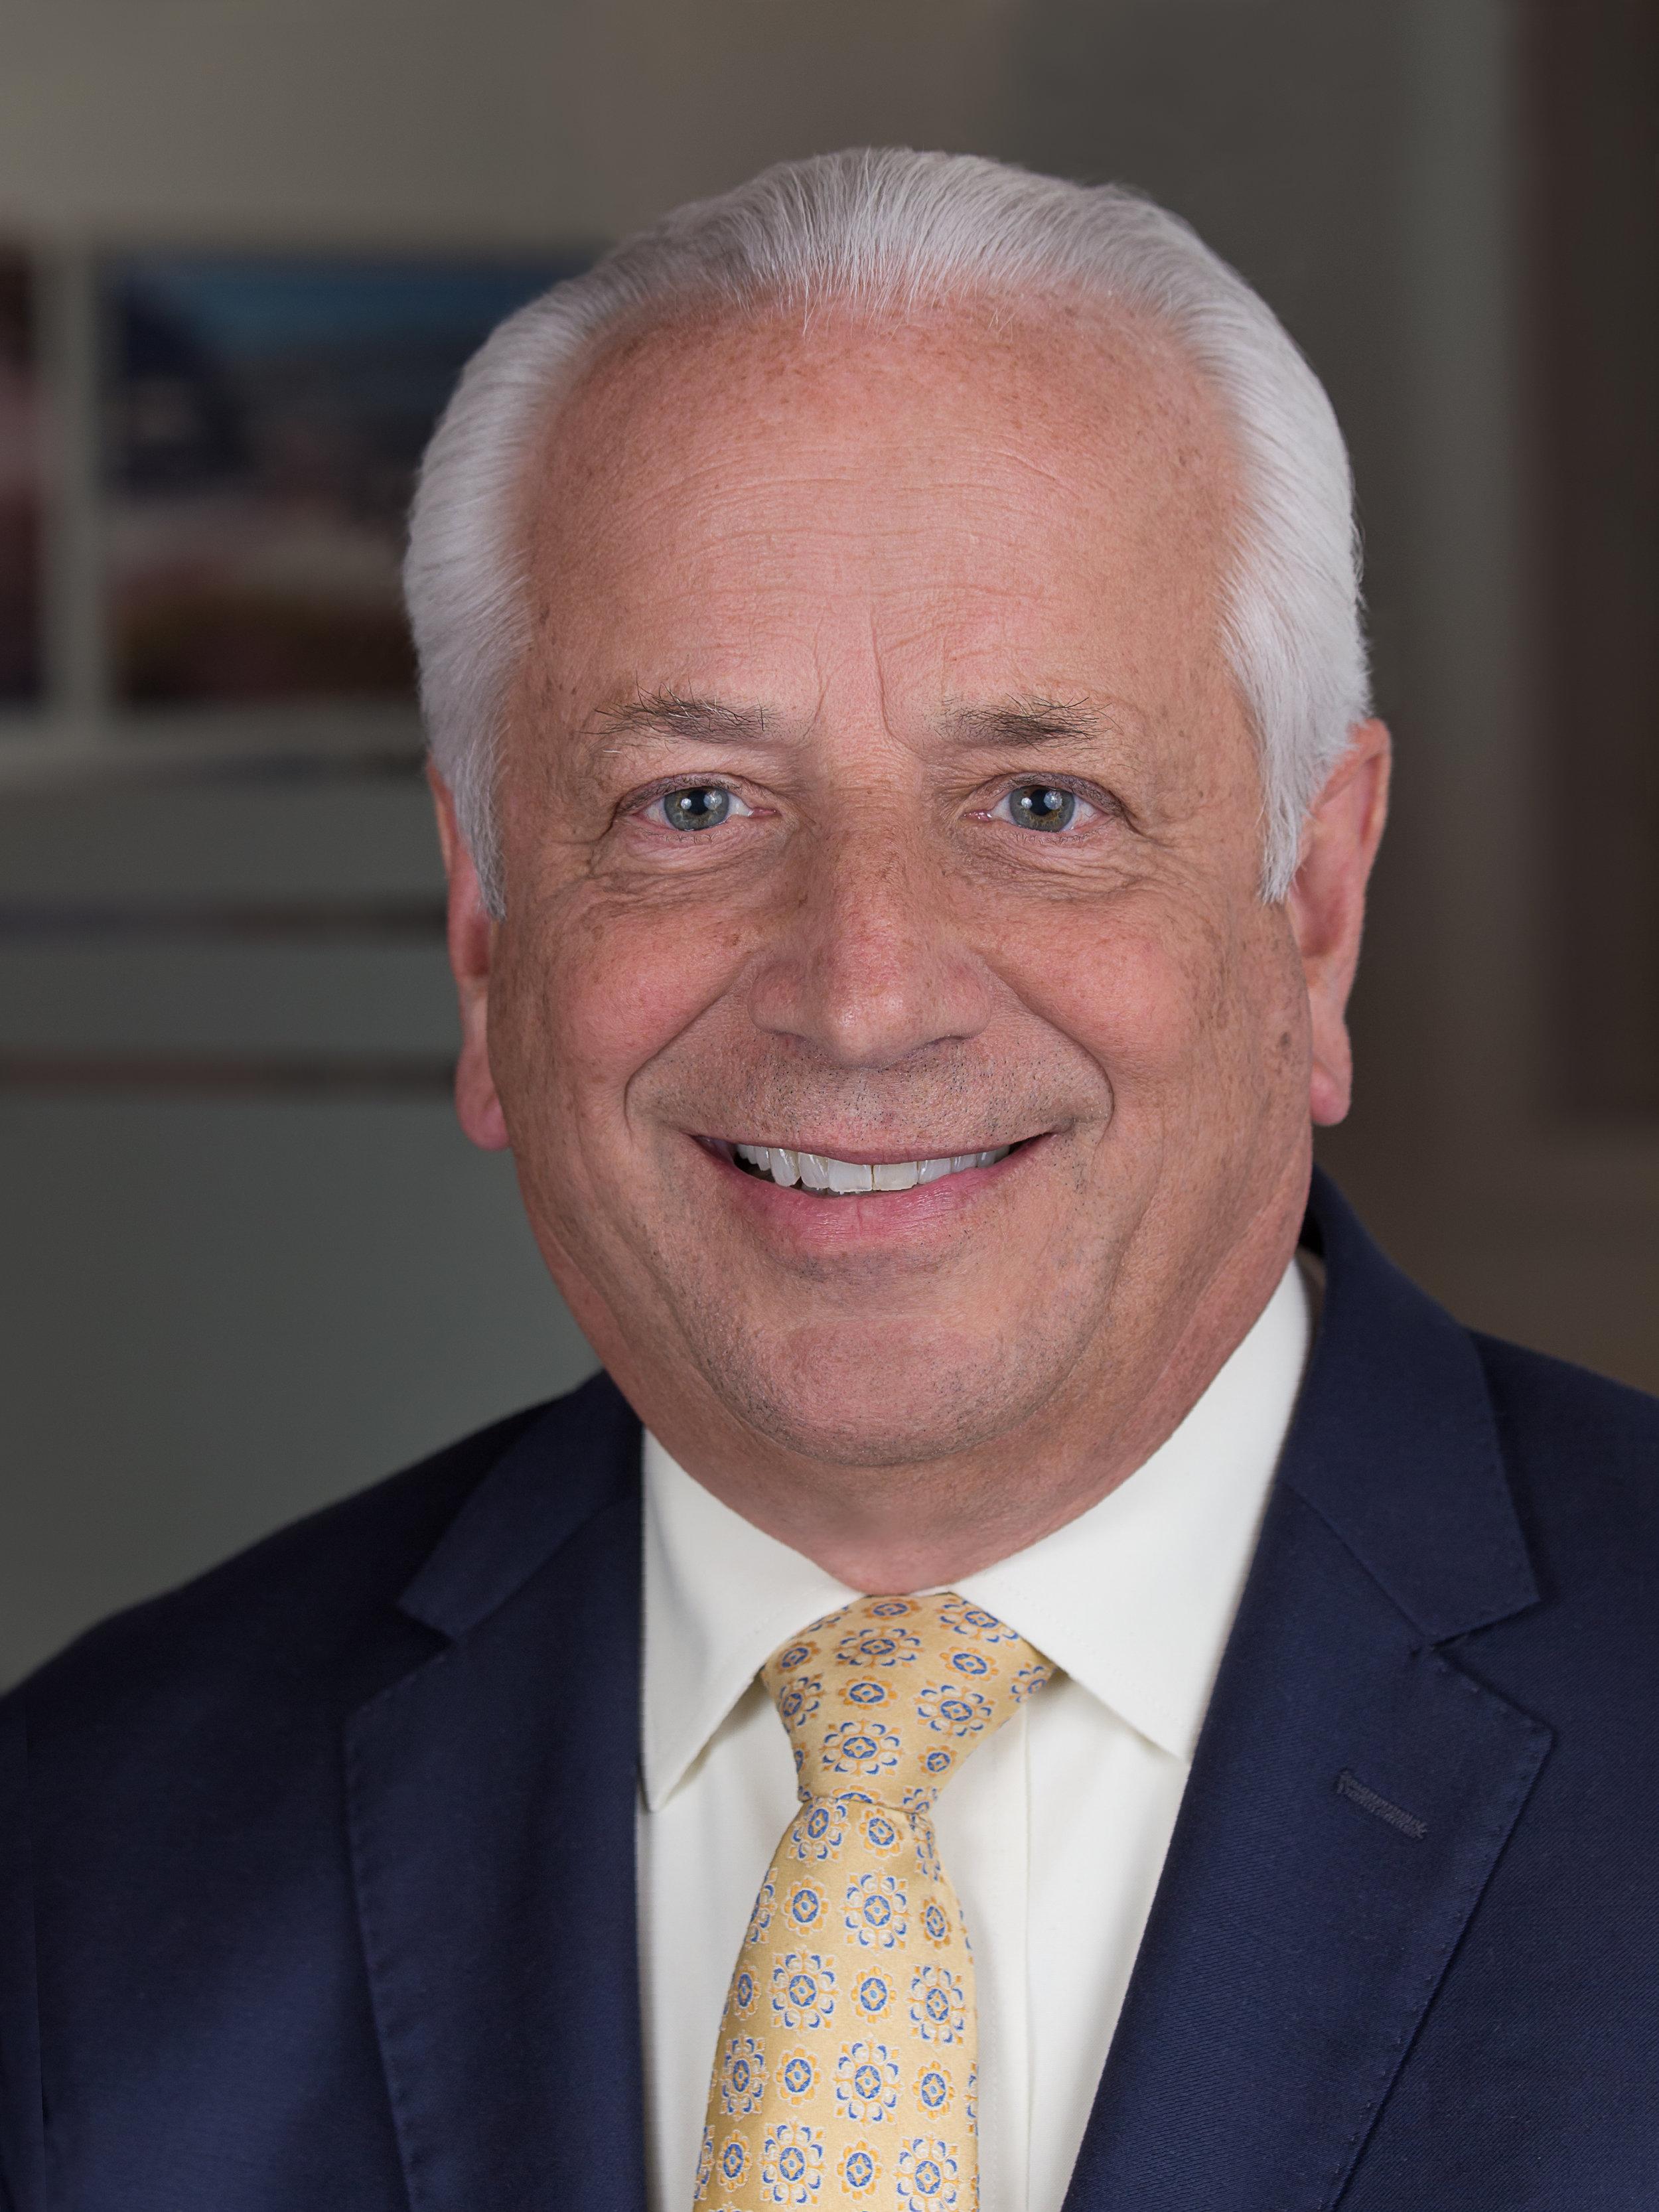 Joseph R. Beretta